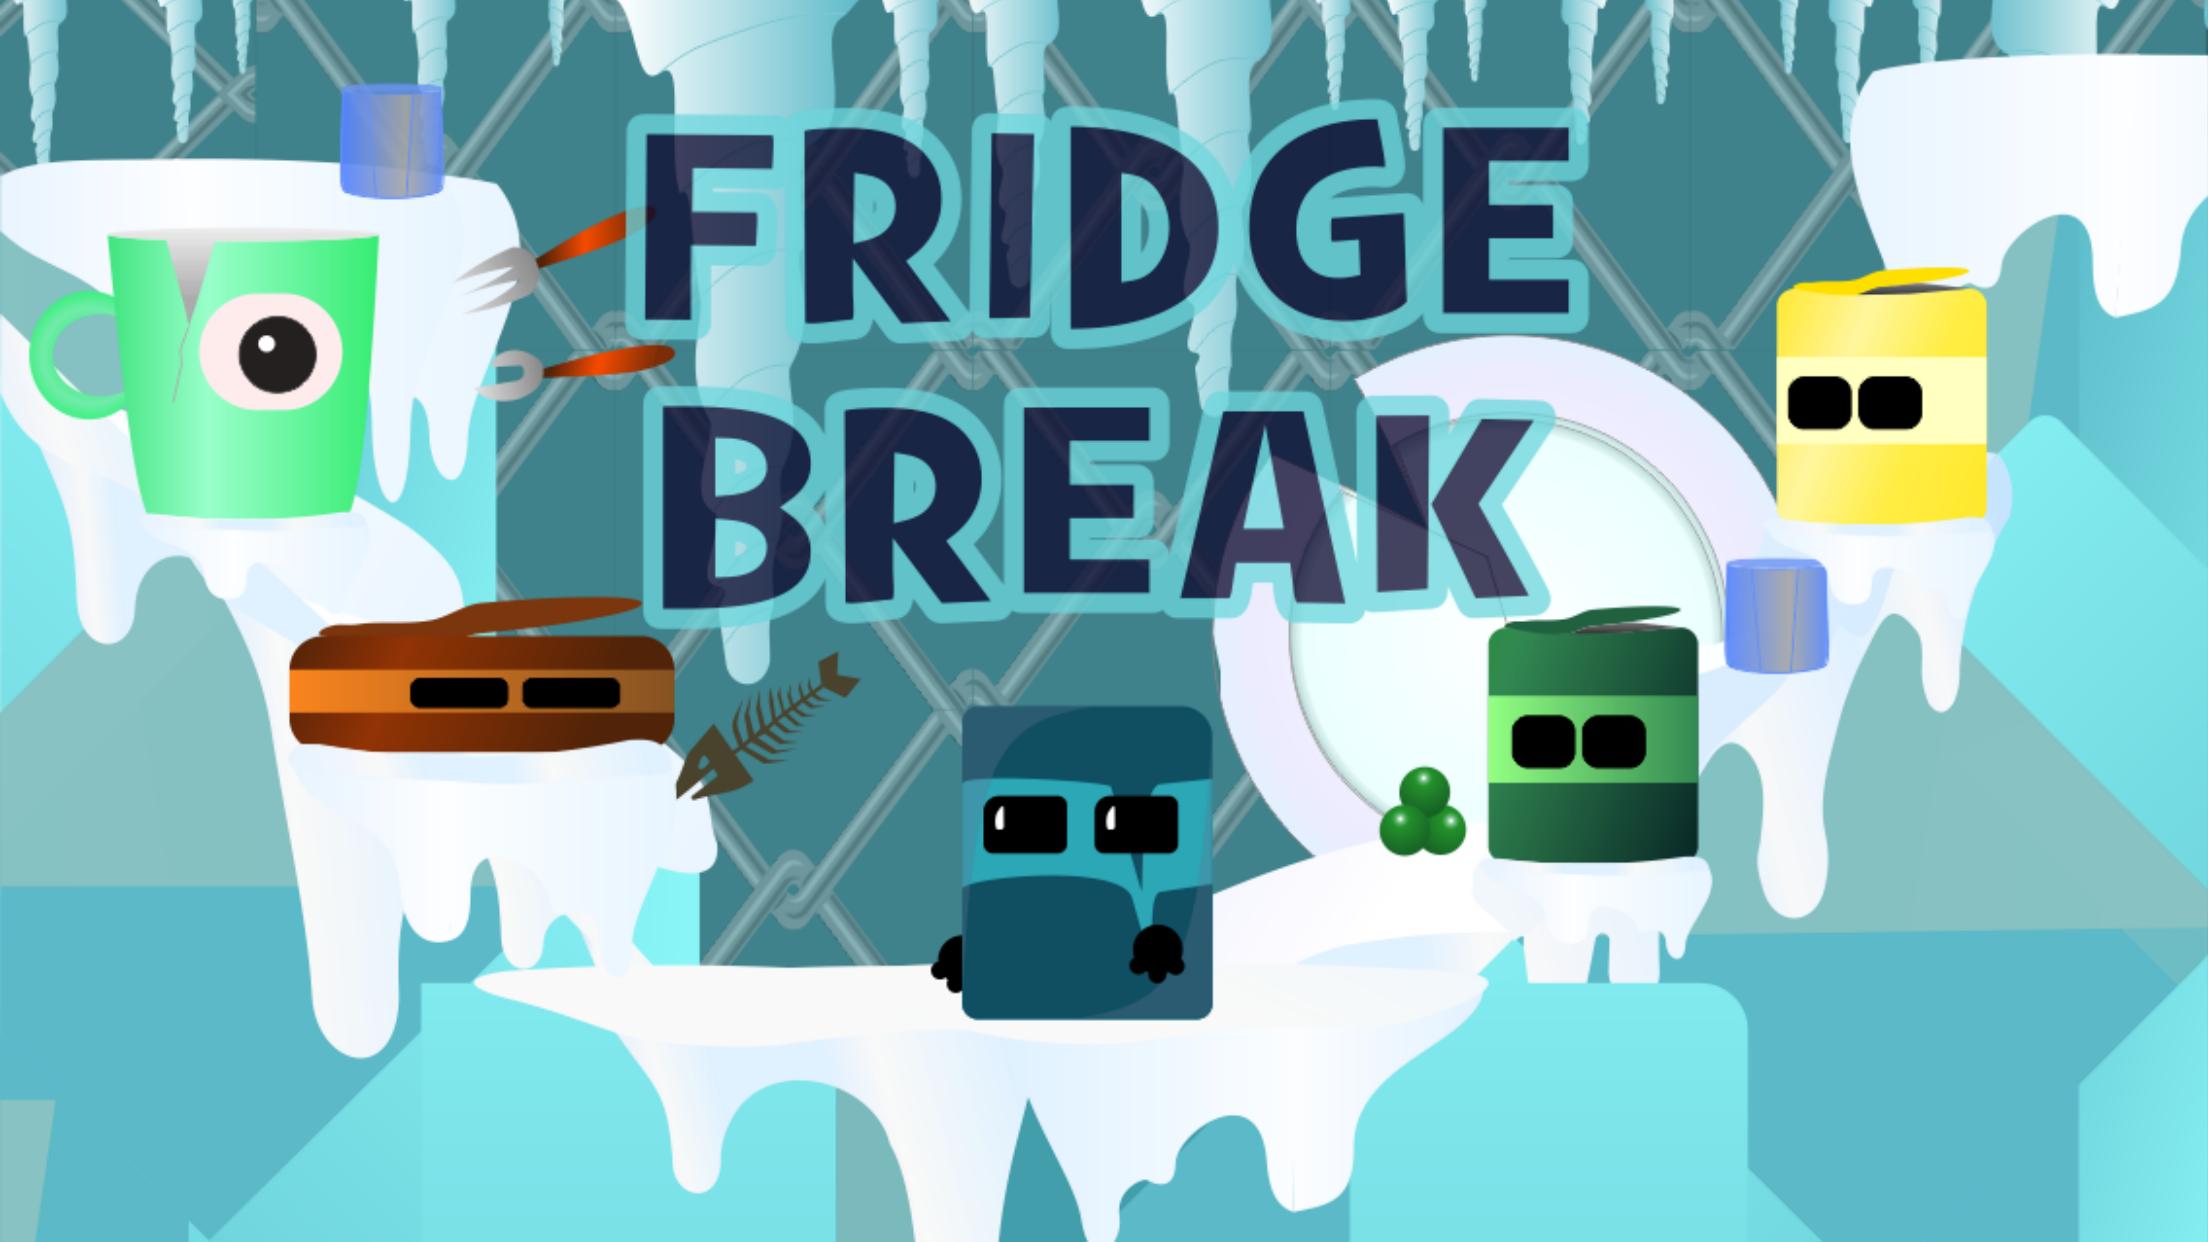 Fridge Break